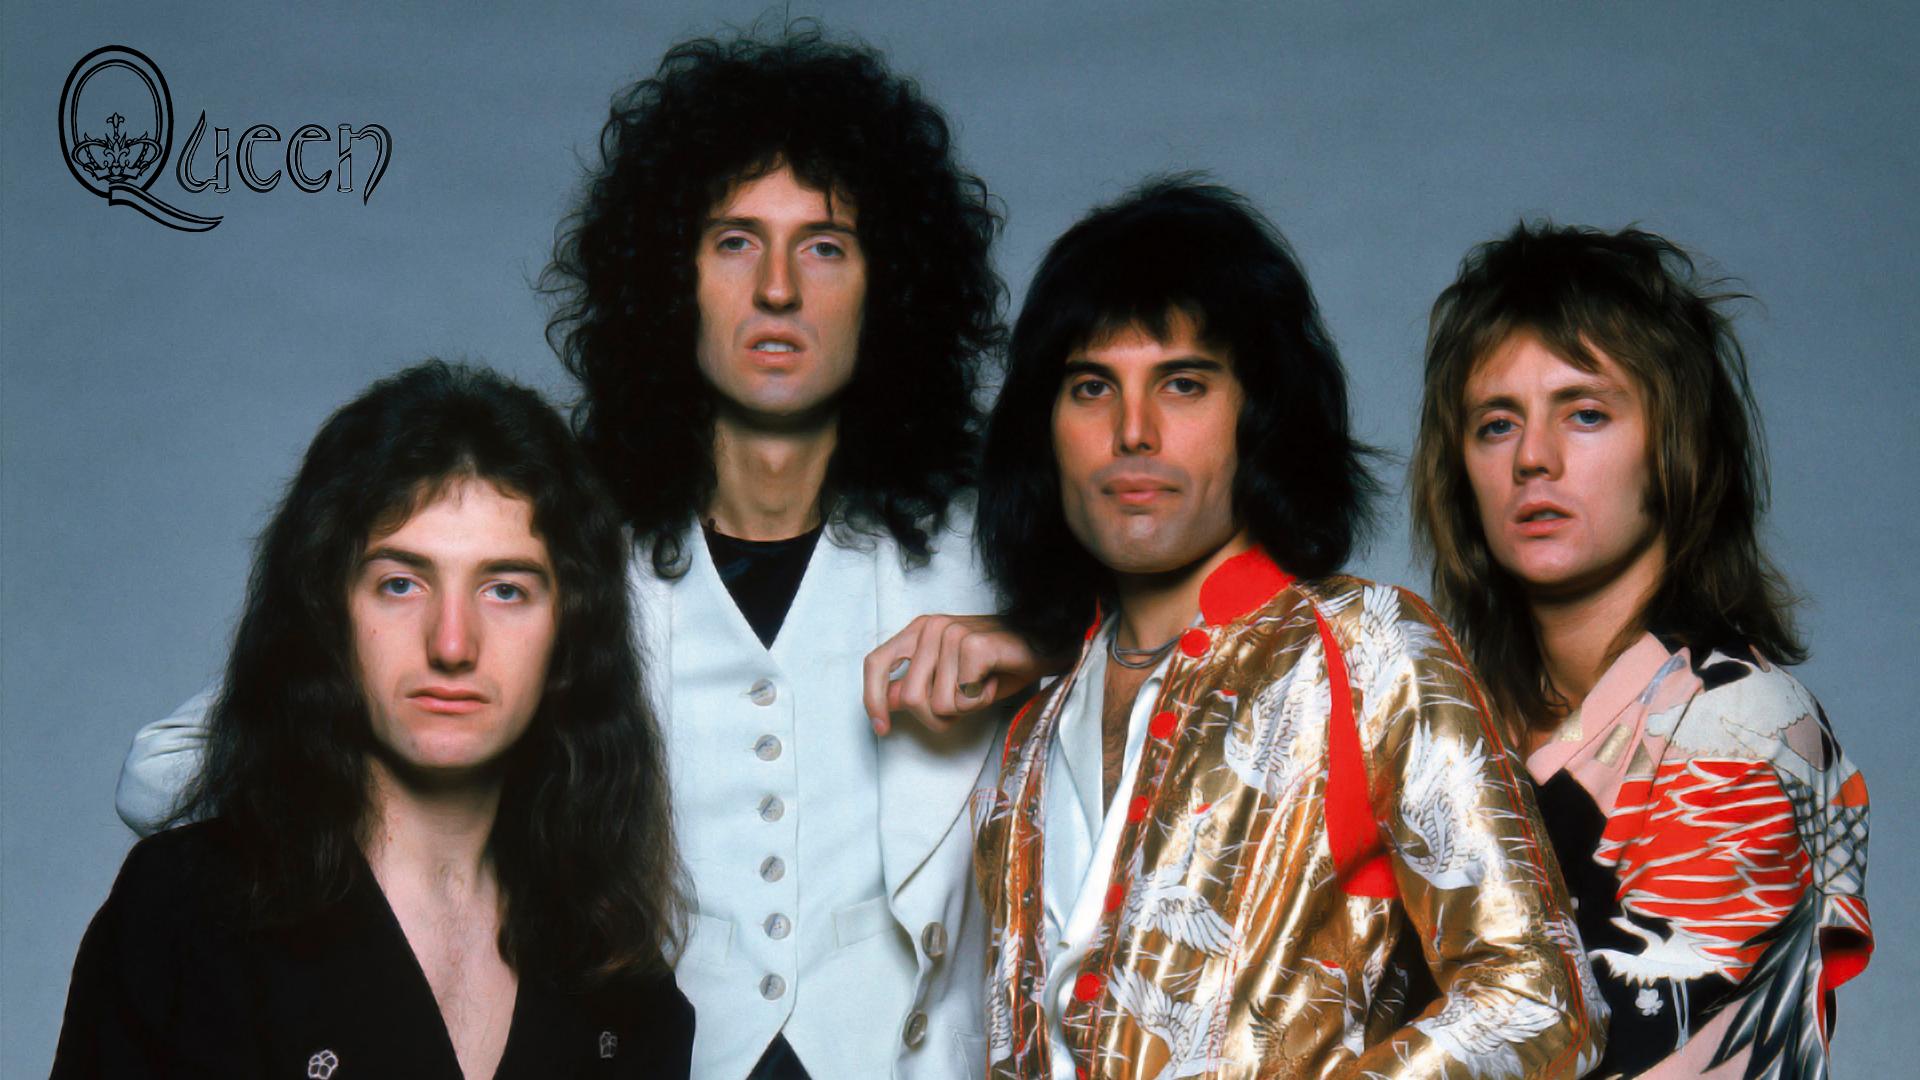 Queen Wallpaper Band Queen Band Full Hd Queen Pinterest